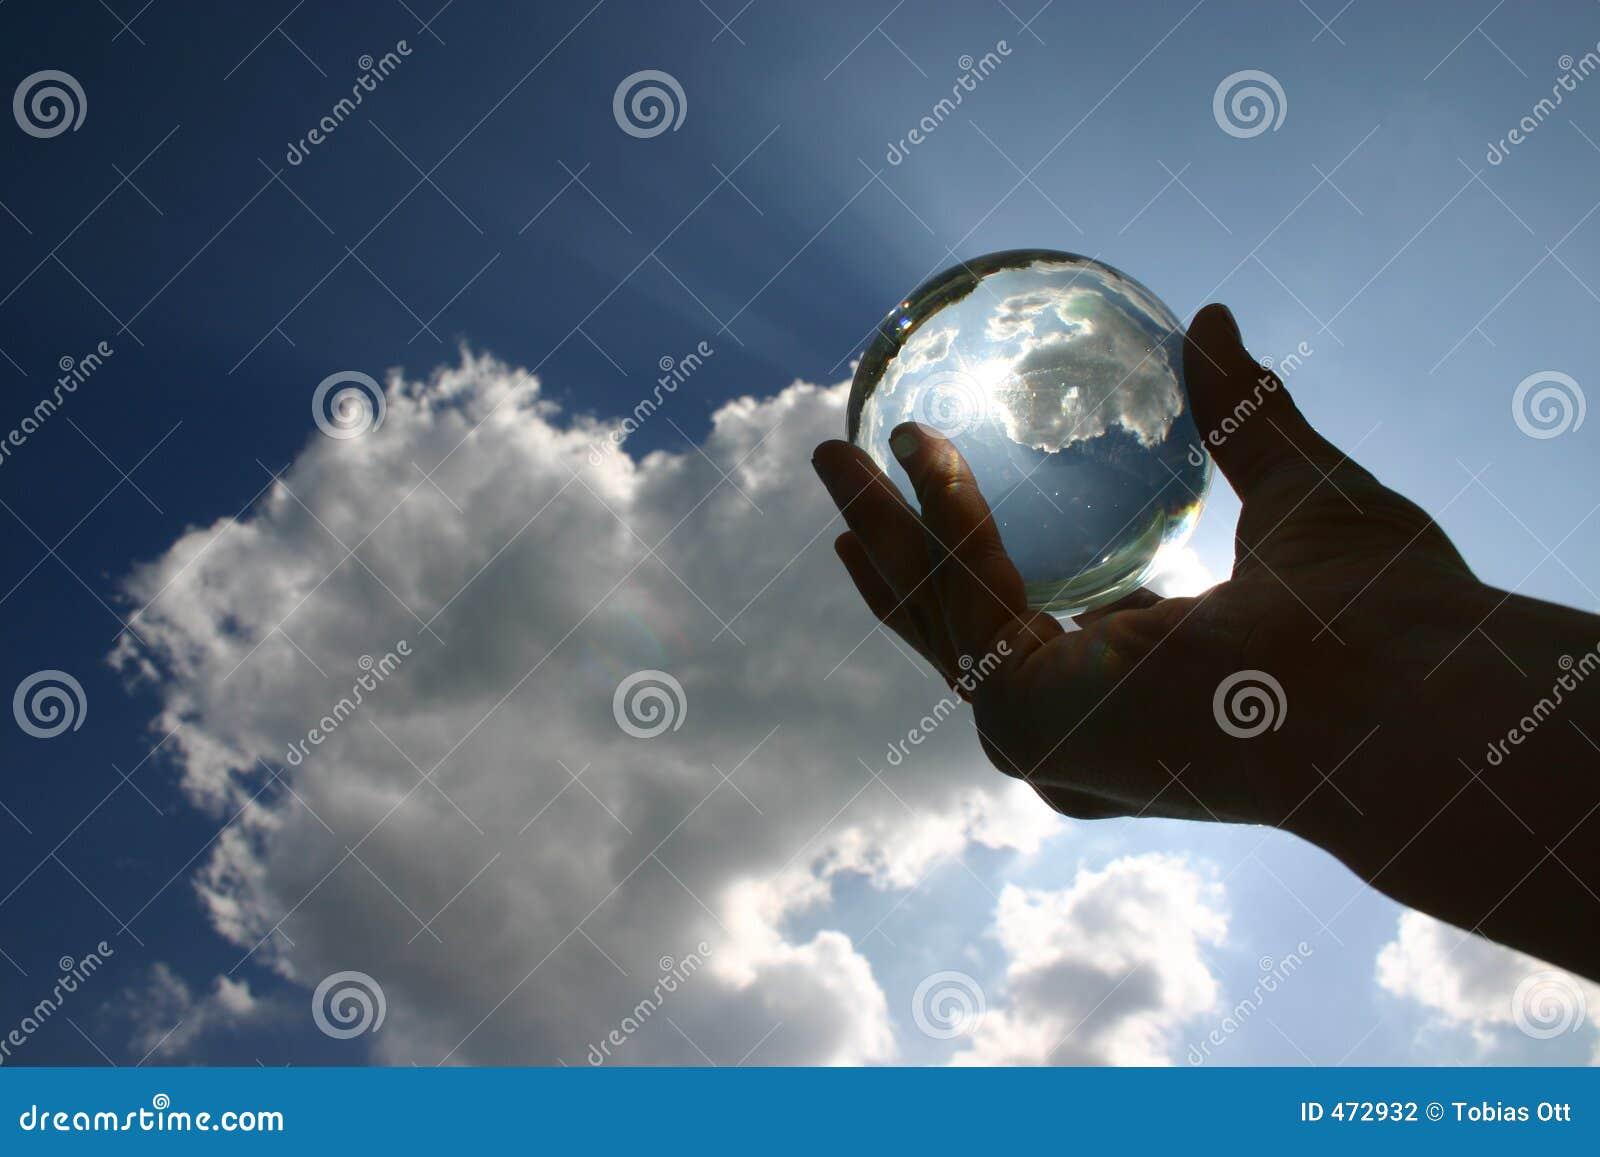 Przeciwko piłkę glas niebo